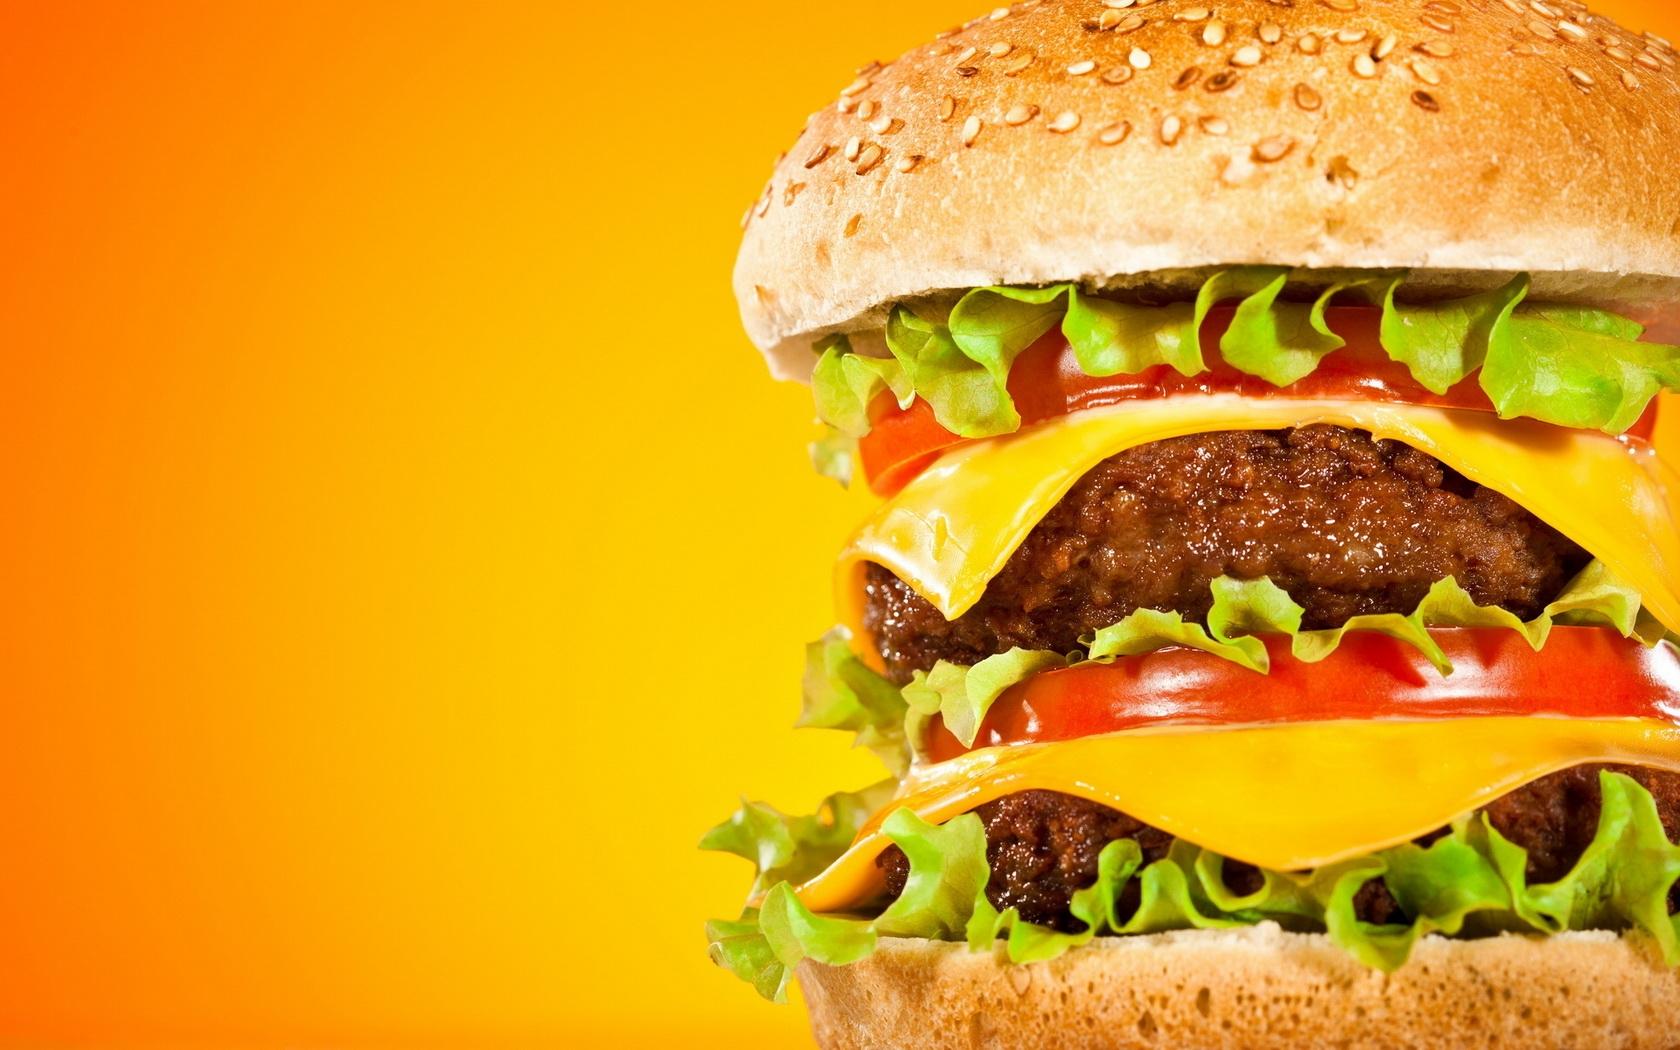 Калорийность блюд в макдональдсе: как составить меню для похудения из фастфуда